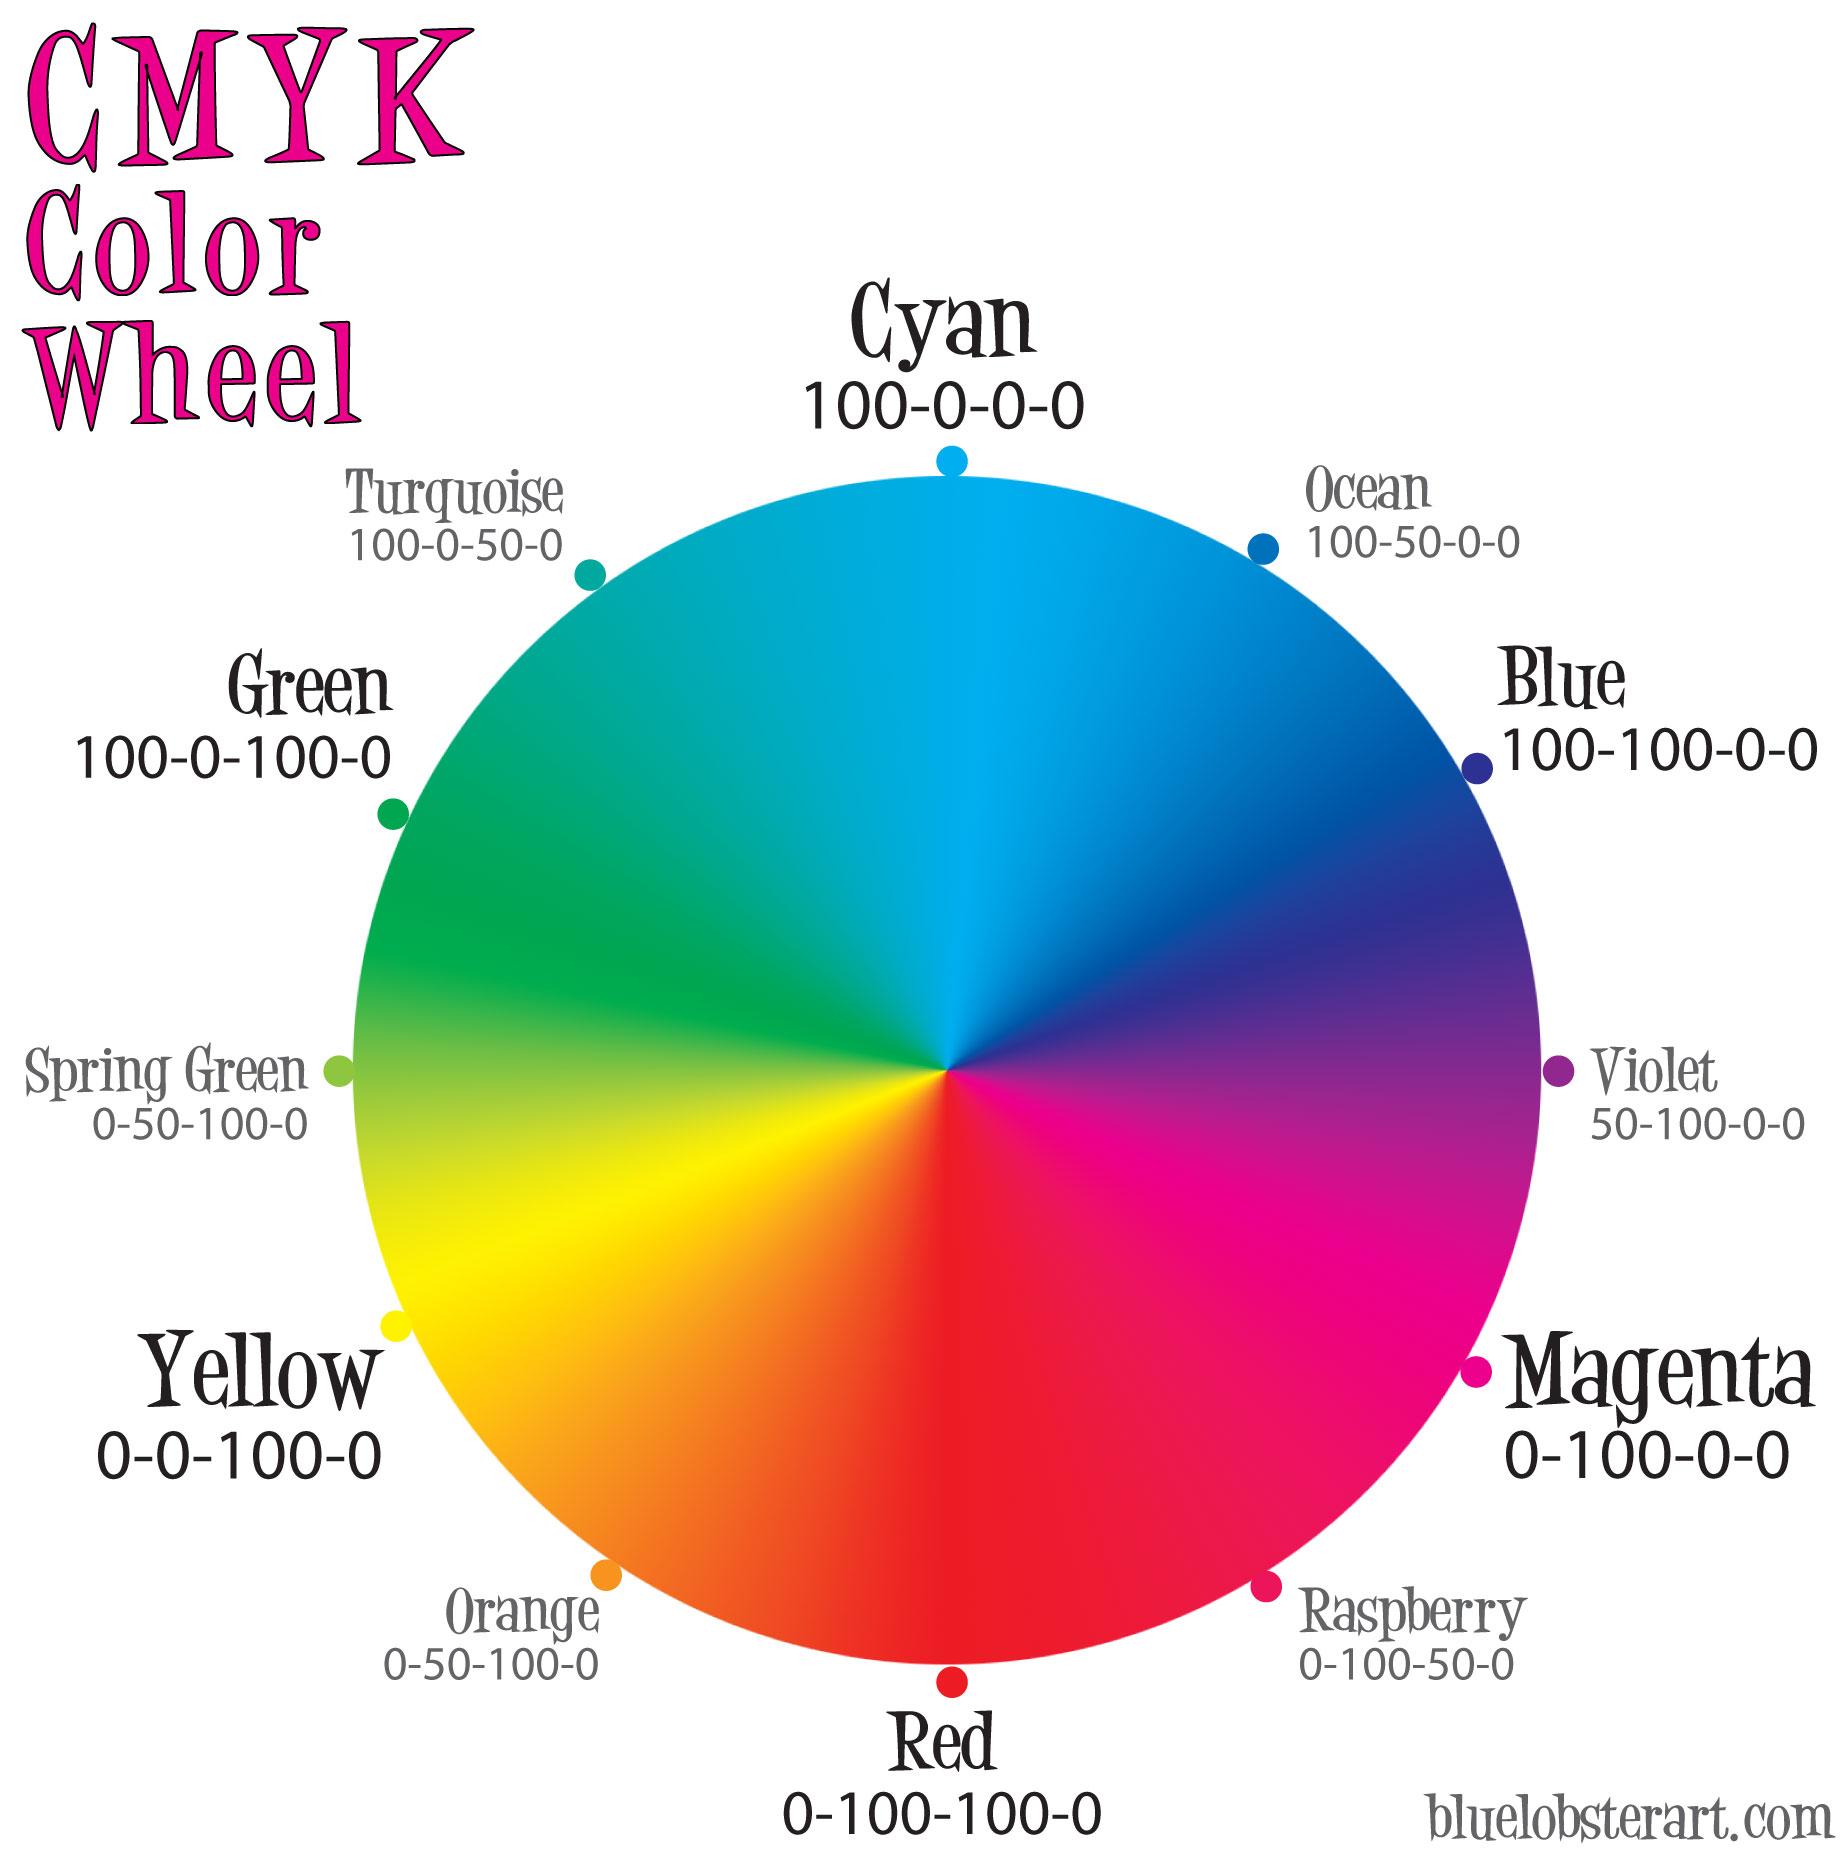 Pbsc color design september 2014 cmyk color wheel lg nvjuhfo Image collections